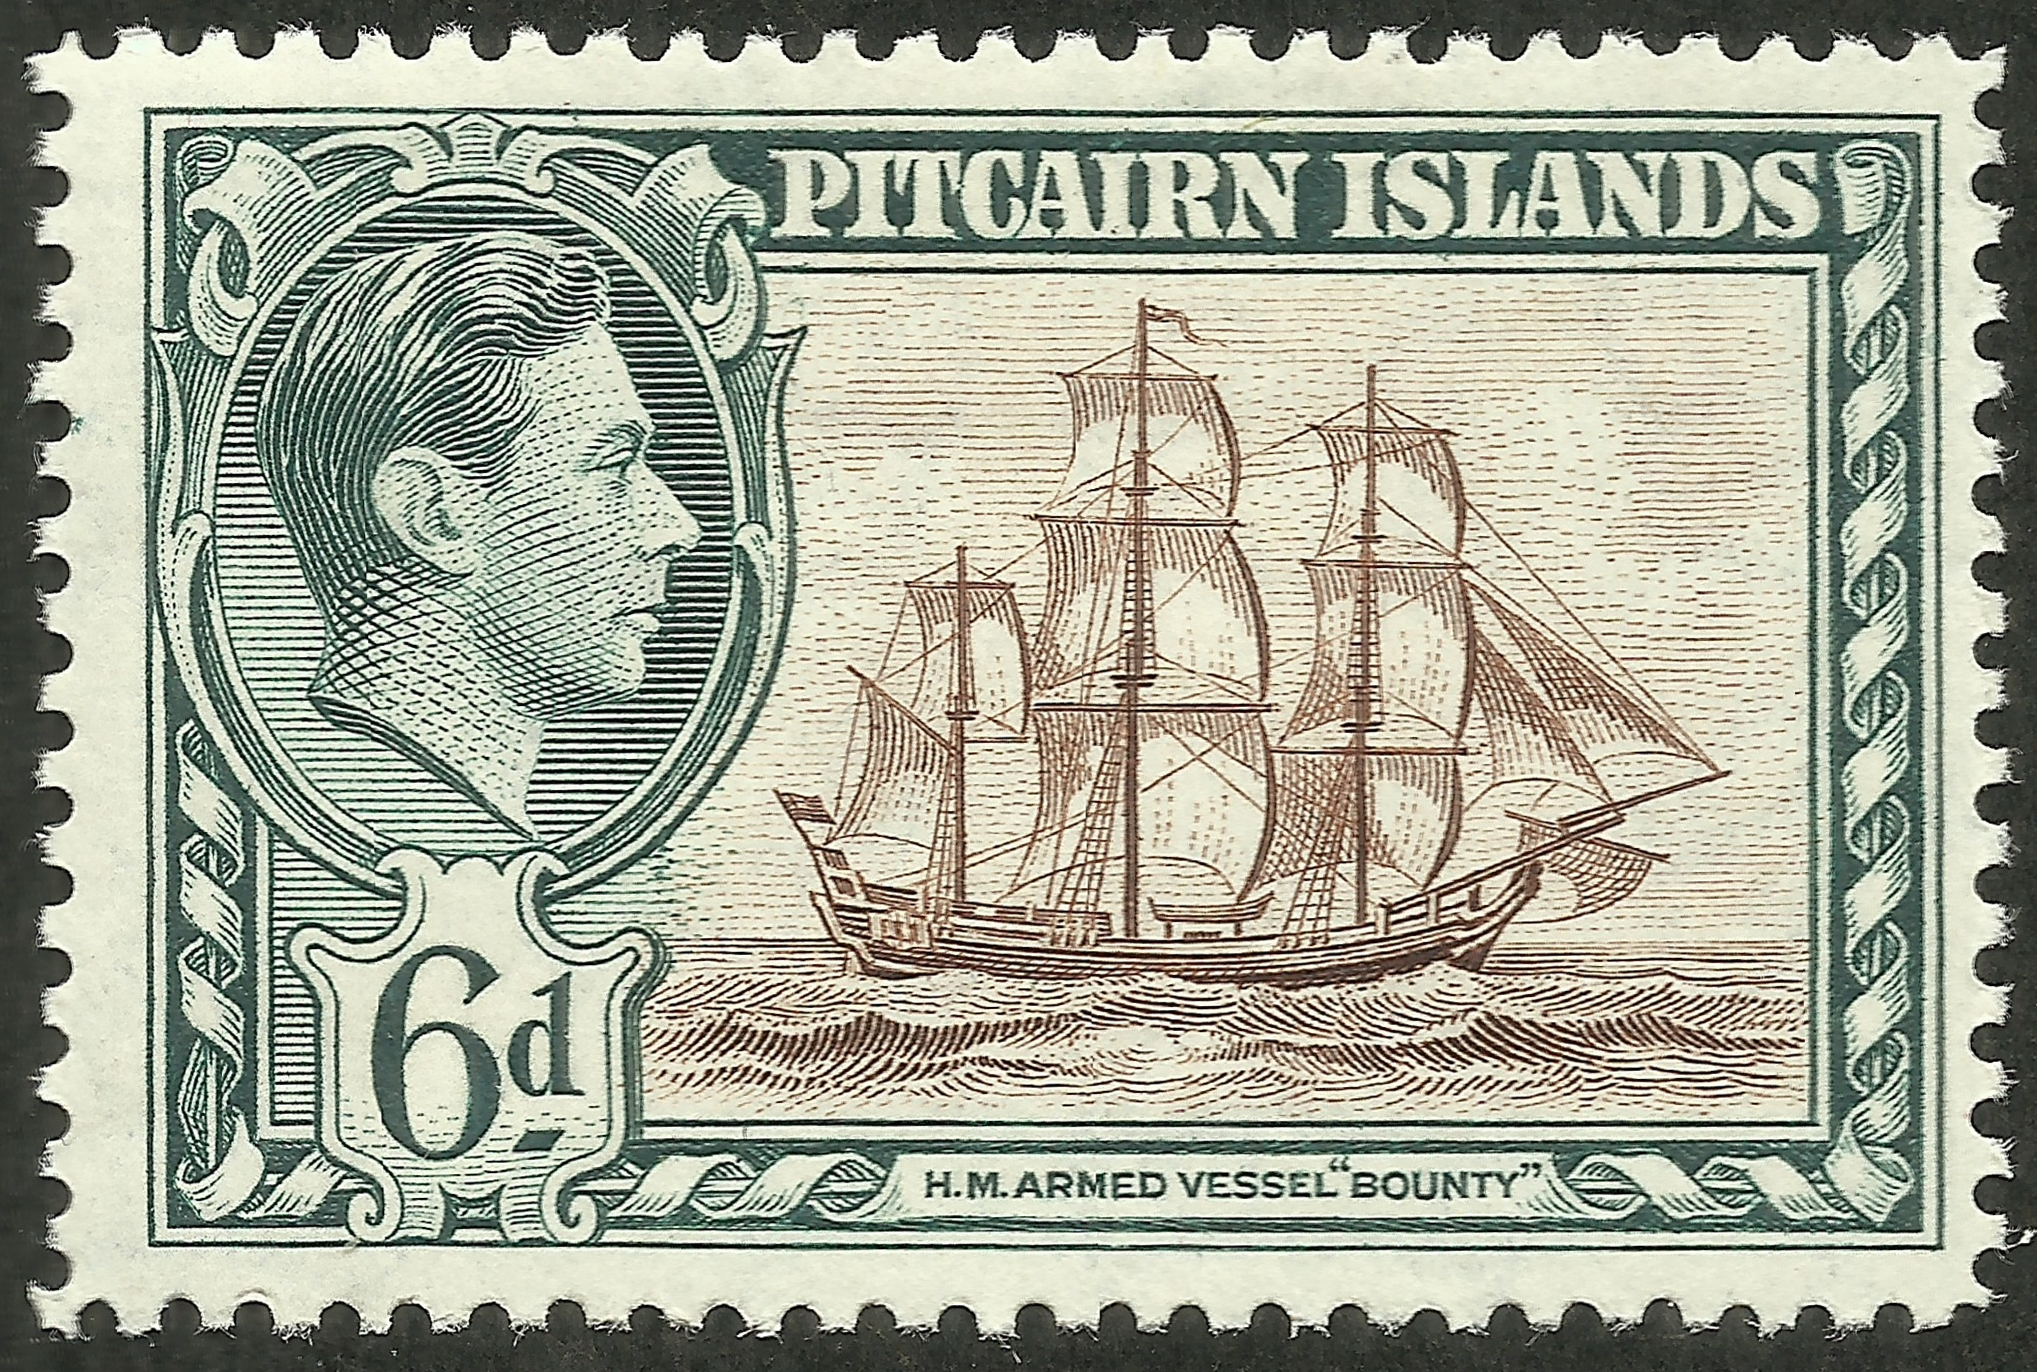 Pitcairn Islands #6 (1940)